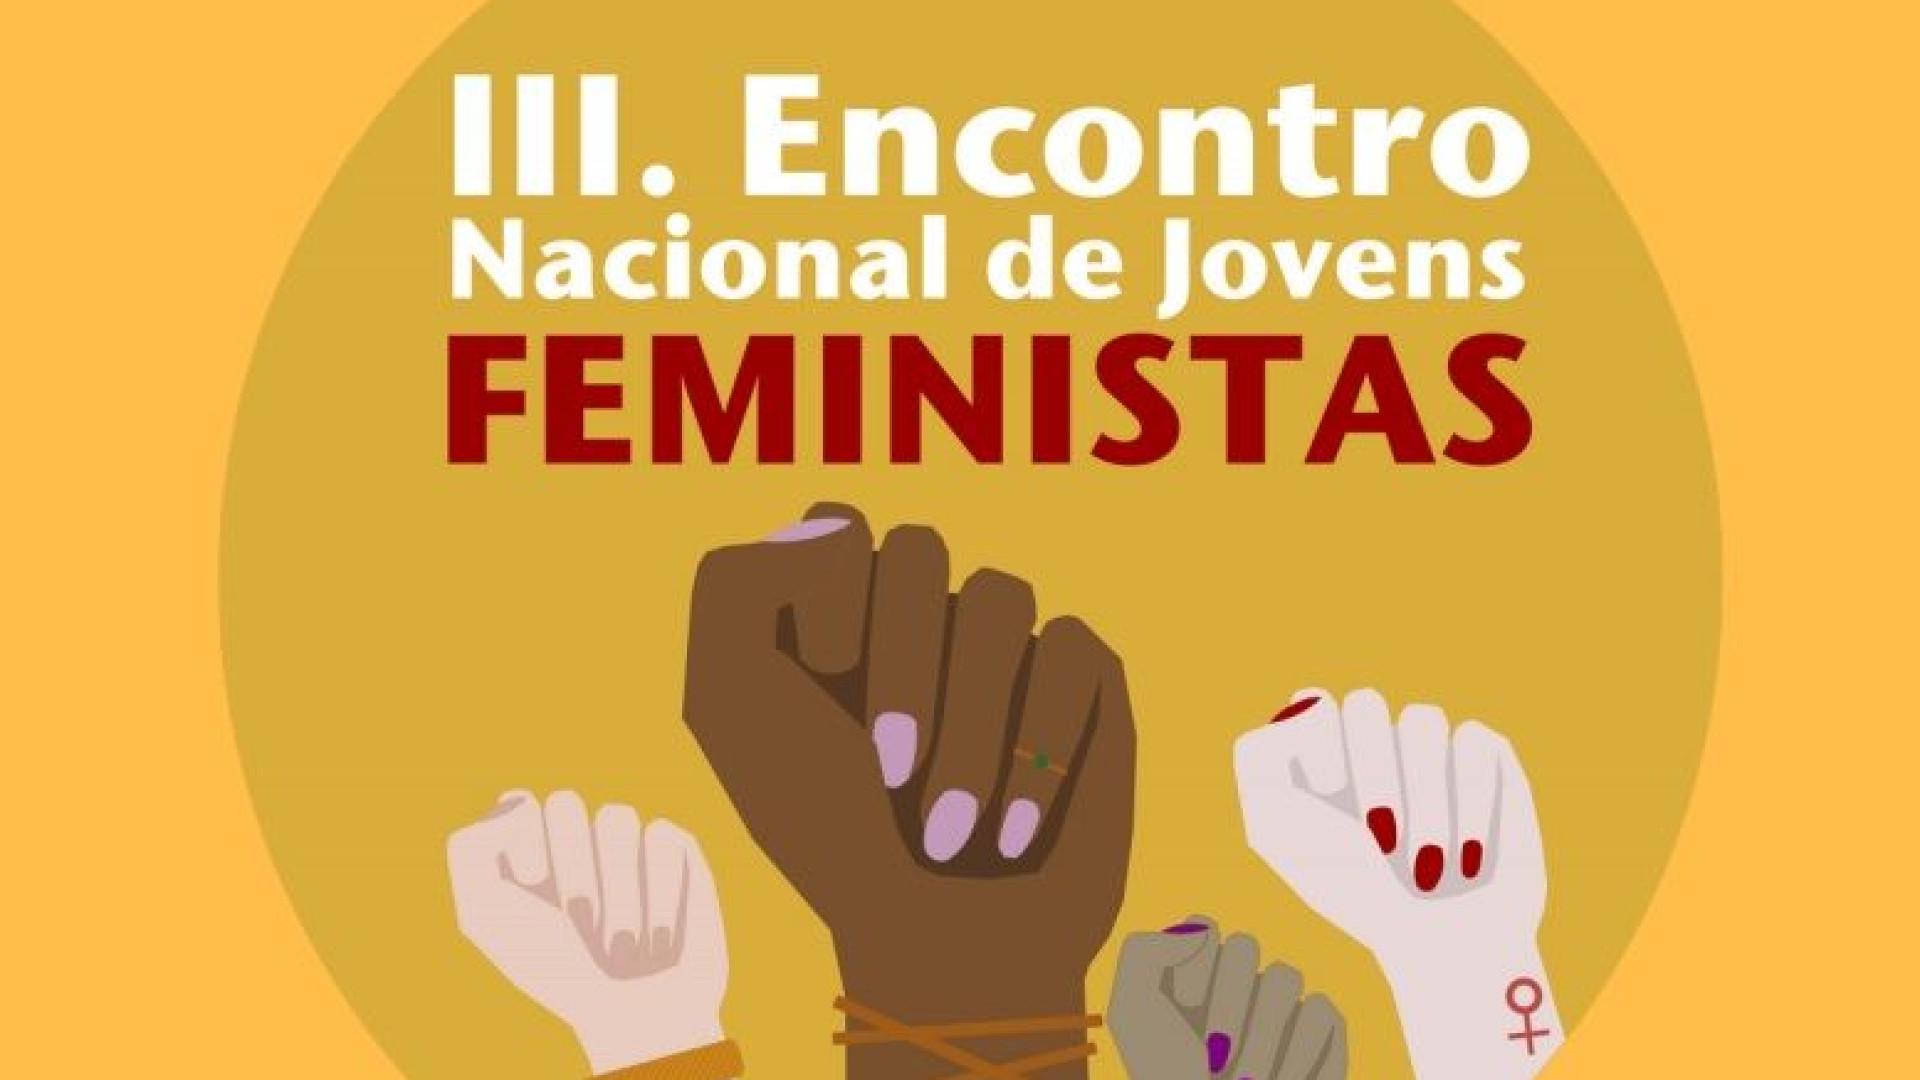 III Encontro Nacional de Jovens Feministas em Viseu arranca amanhã